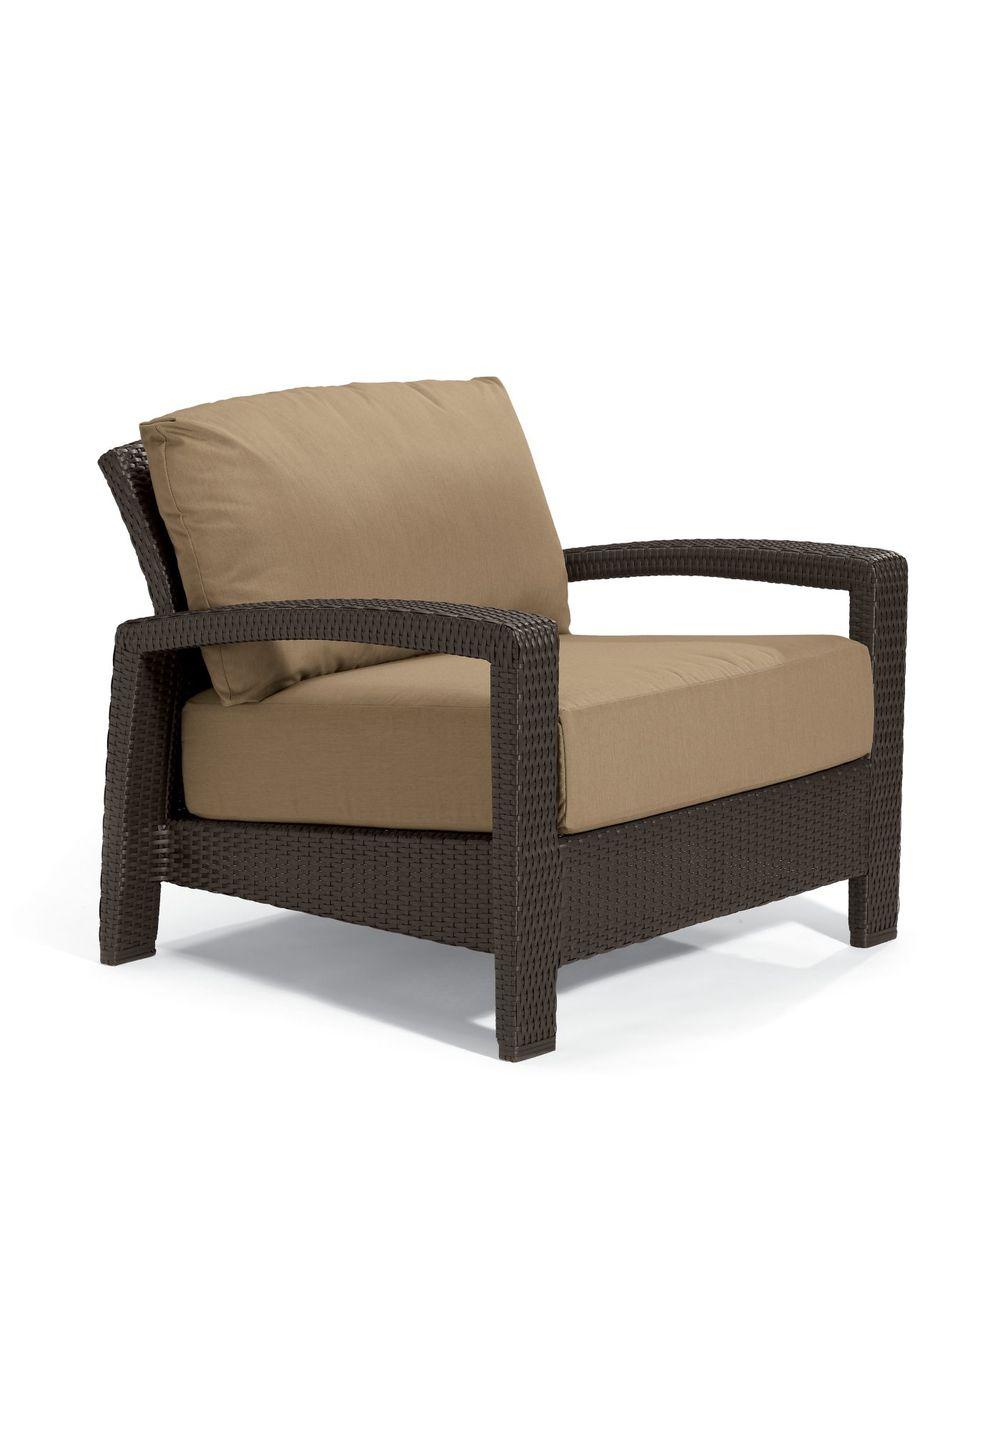 Tropitone Furniture - Arm Chair